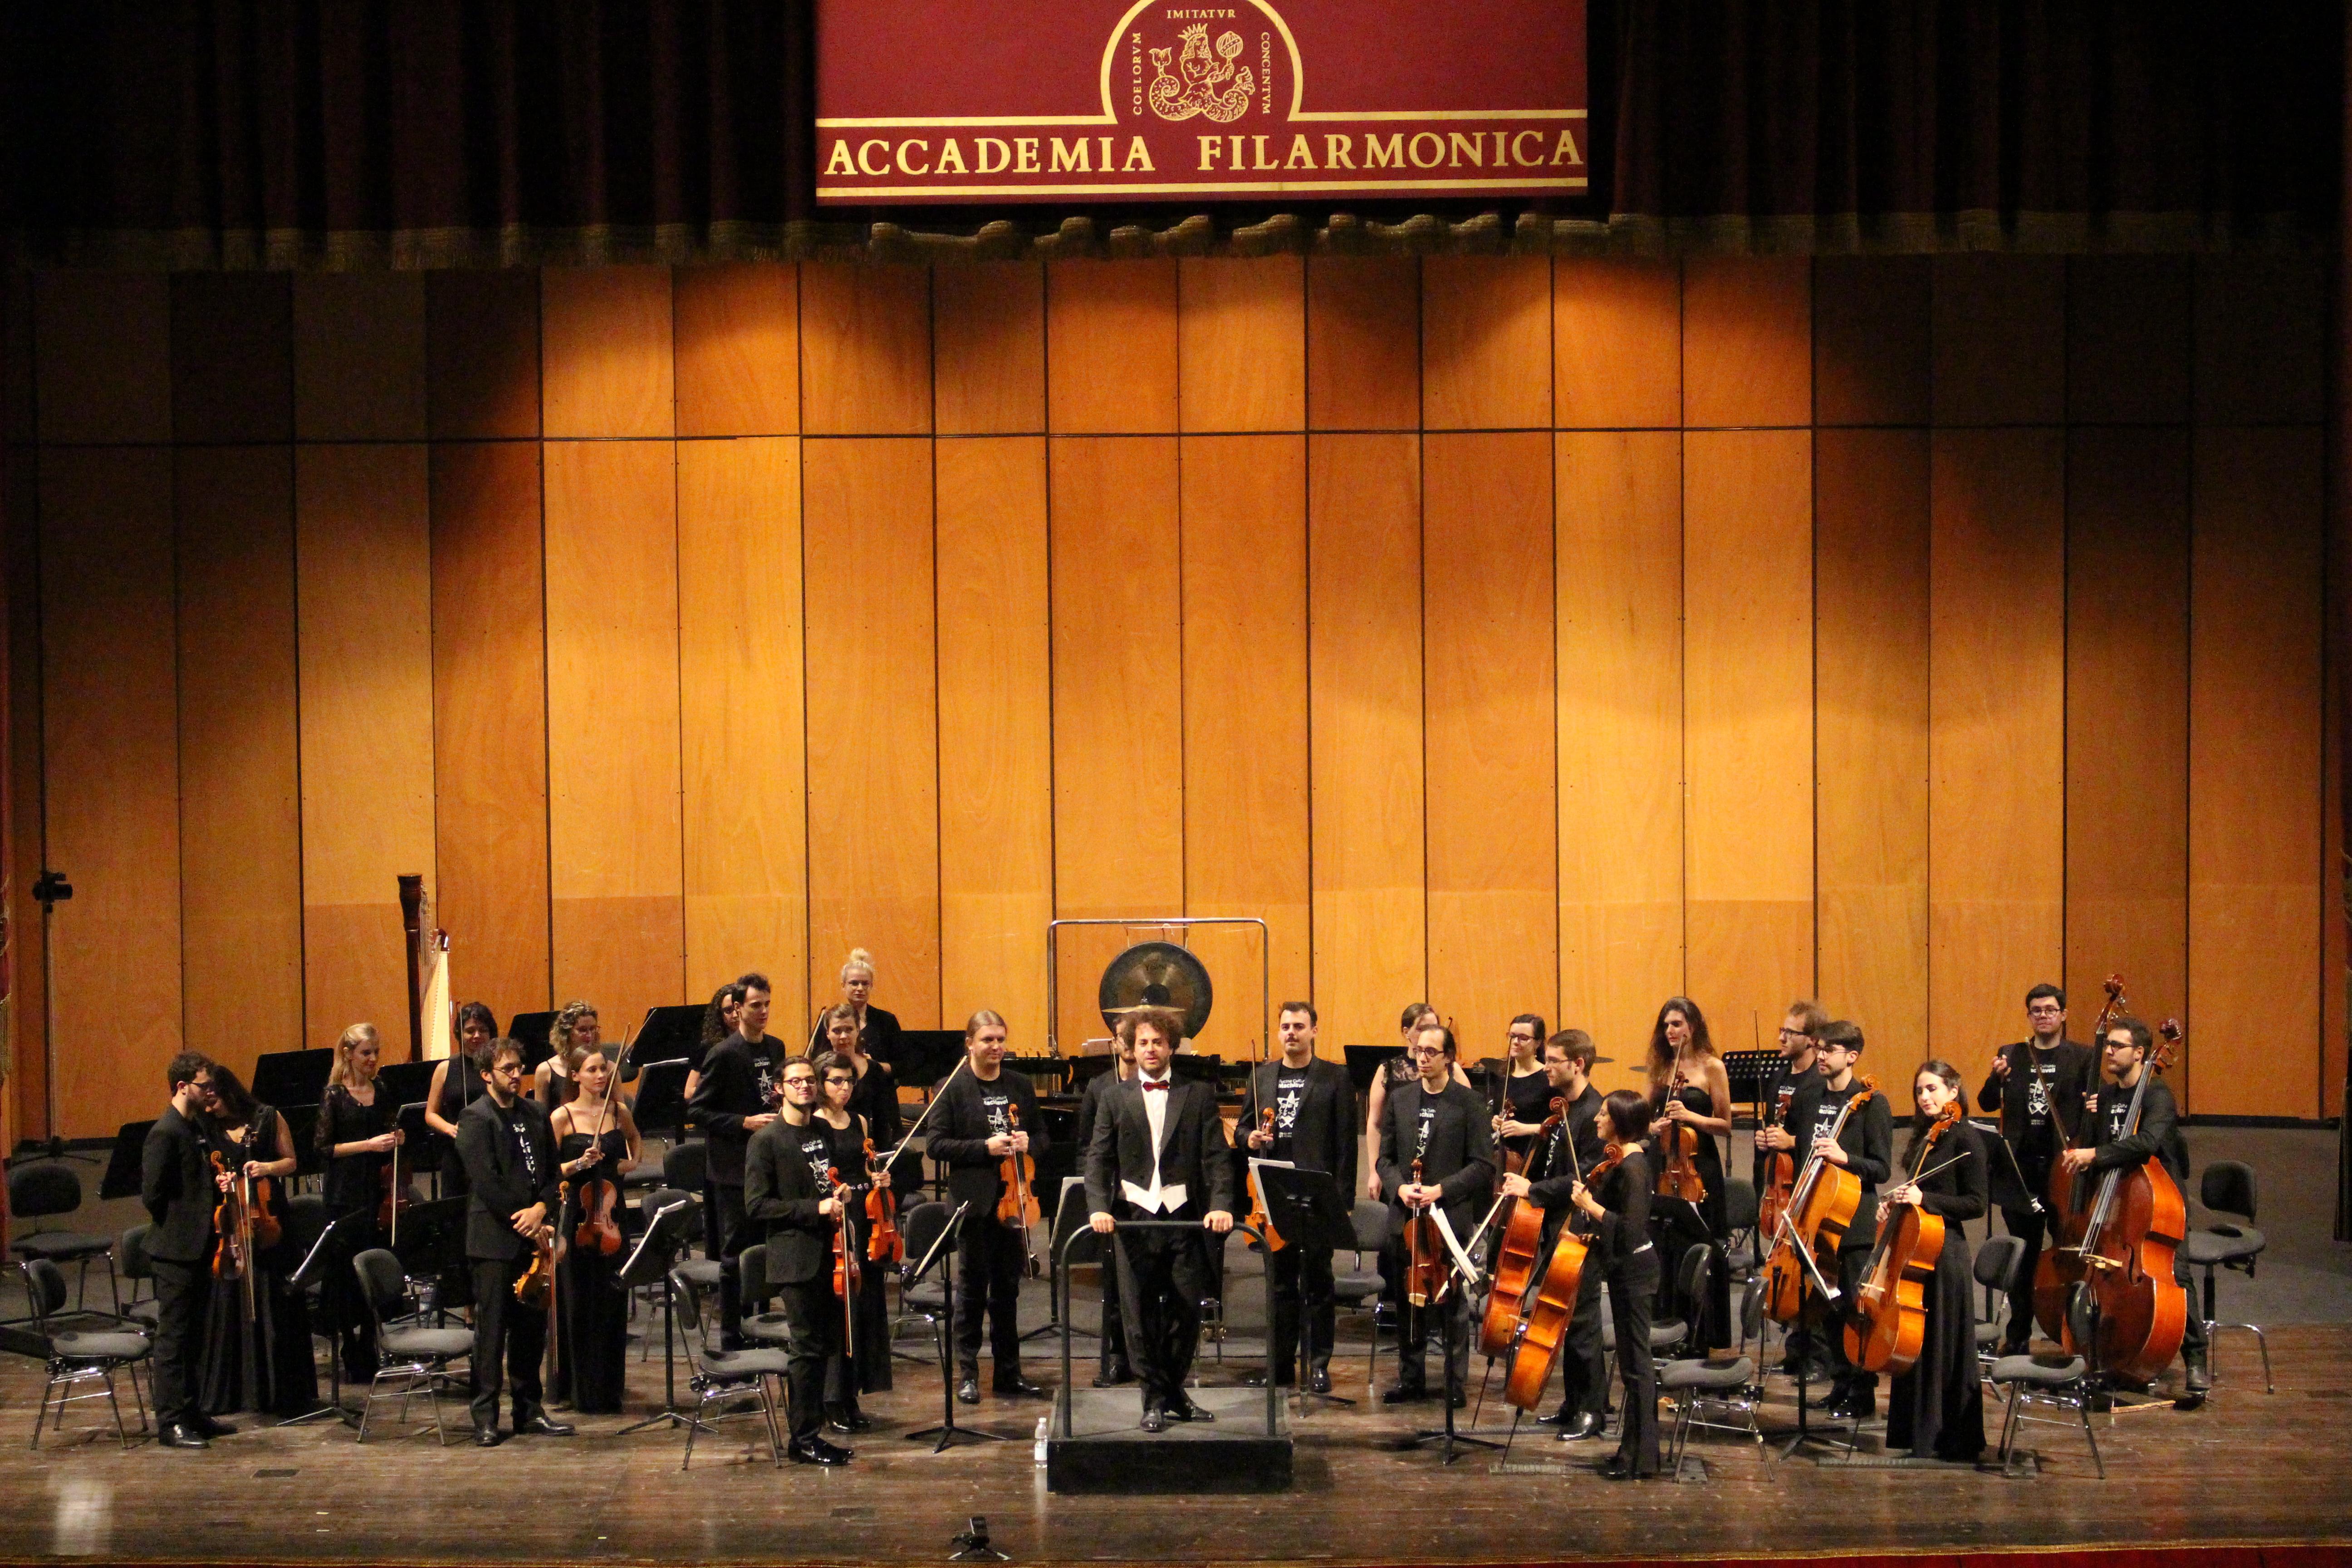 Orchestra Machiavelli - Settembre dell'Accademia 2017 - Teatro Filarmonico Verona